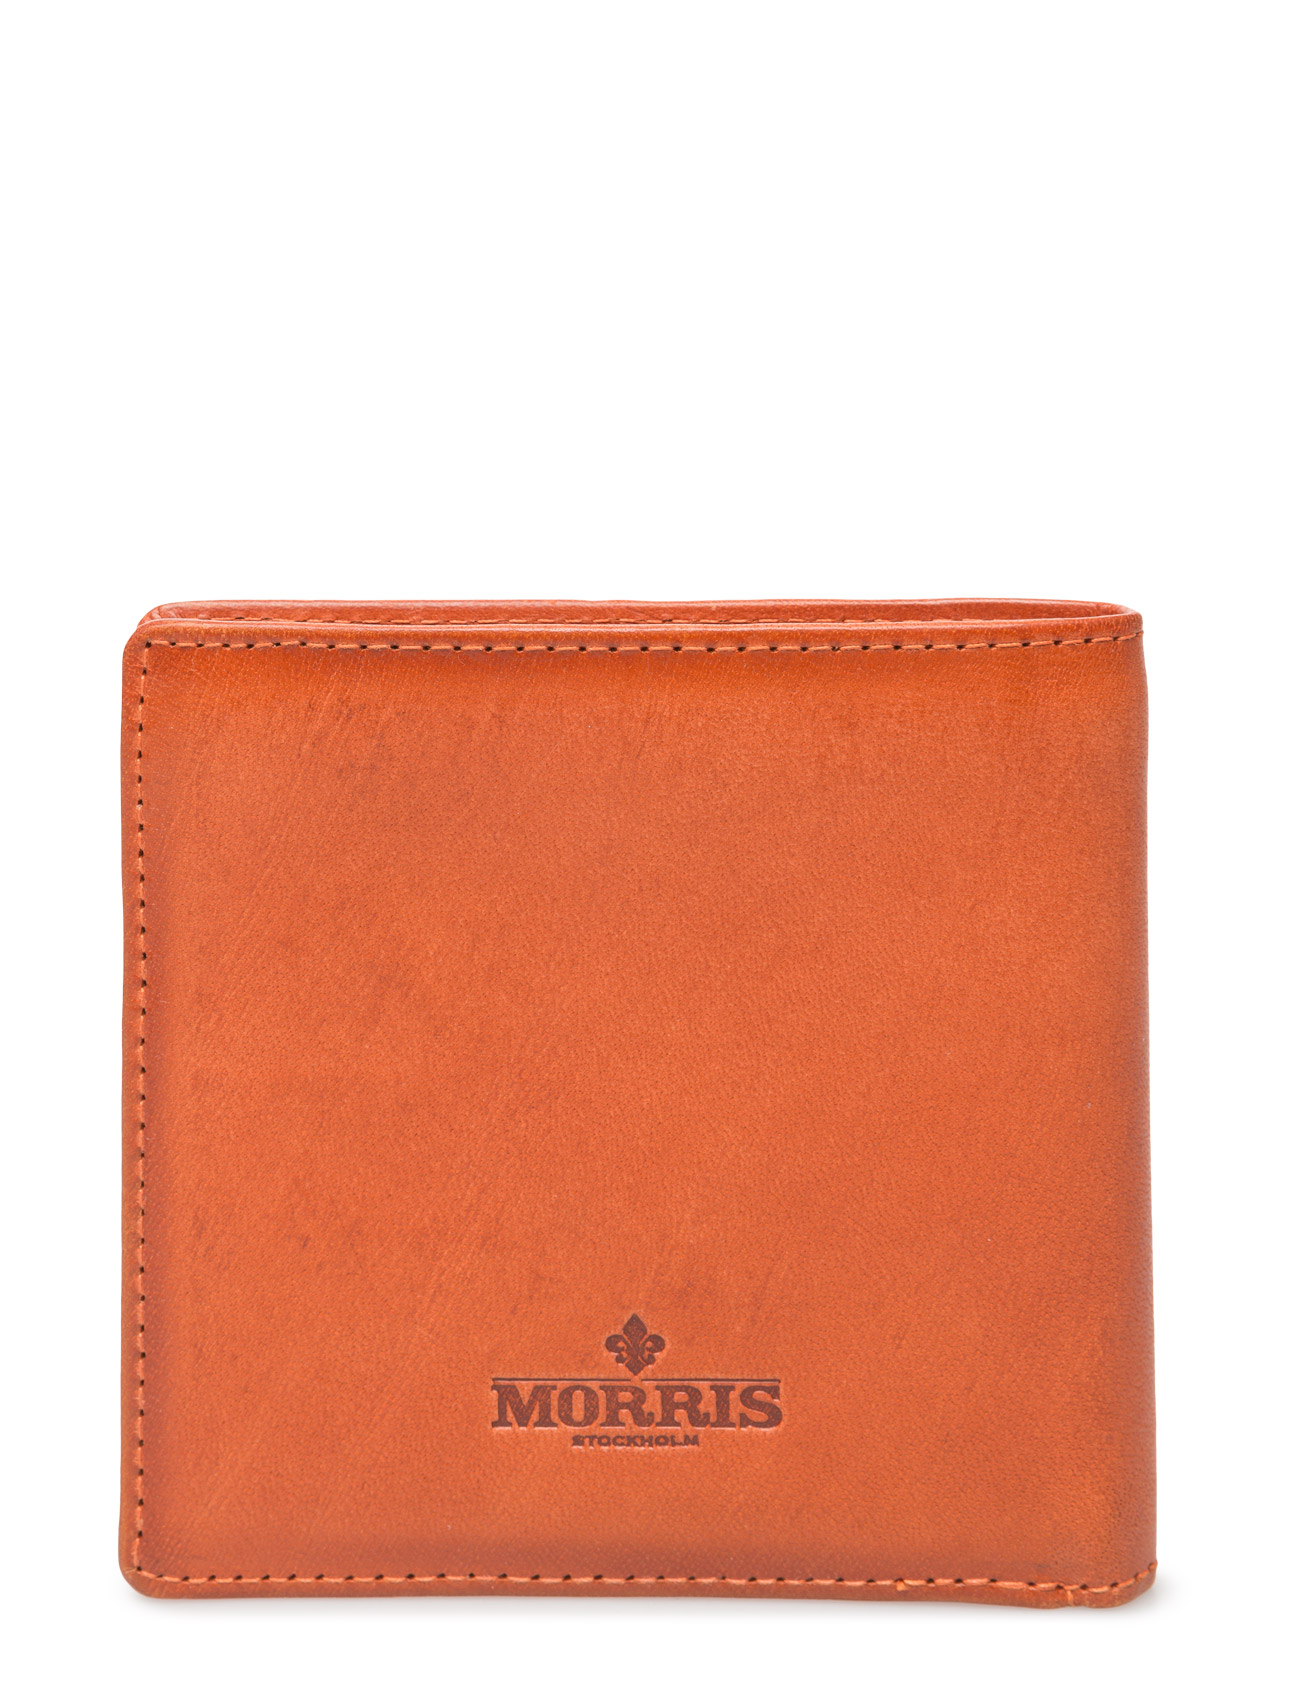 Morris Wallet Male Morris Accessories Tasker til Mænd i orange